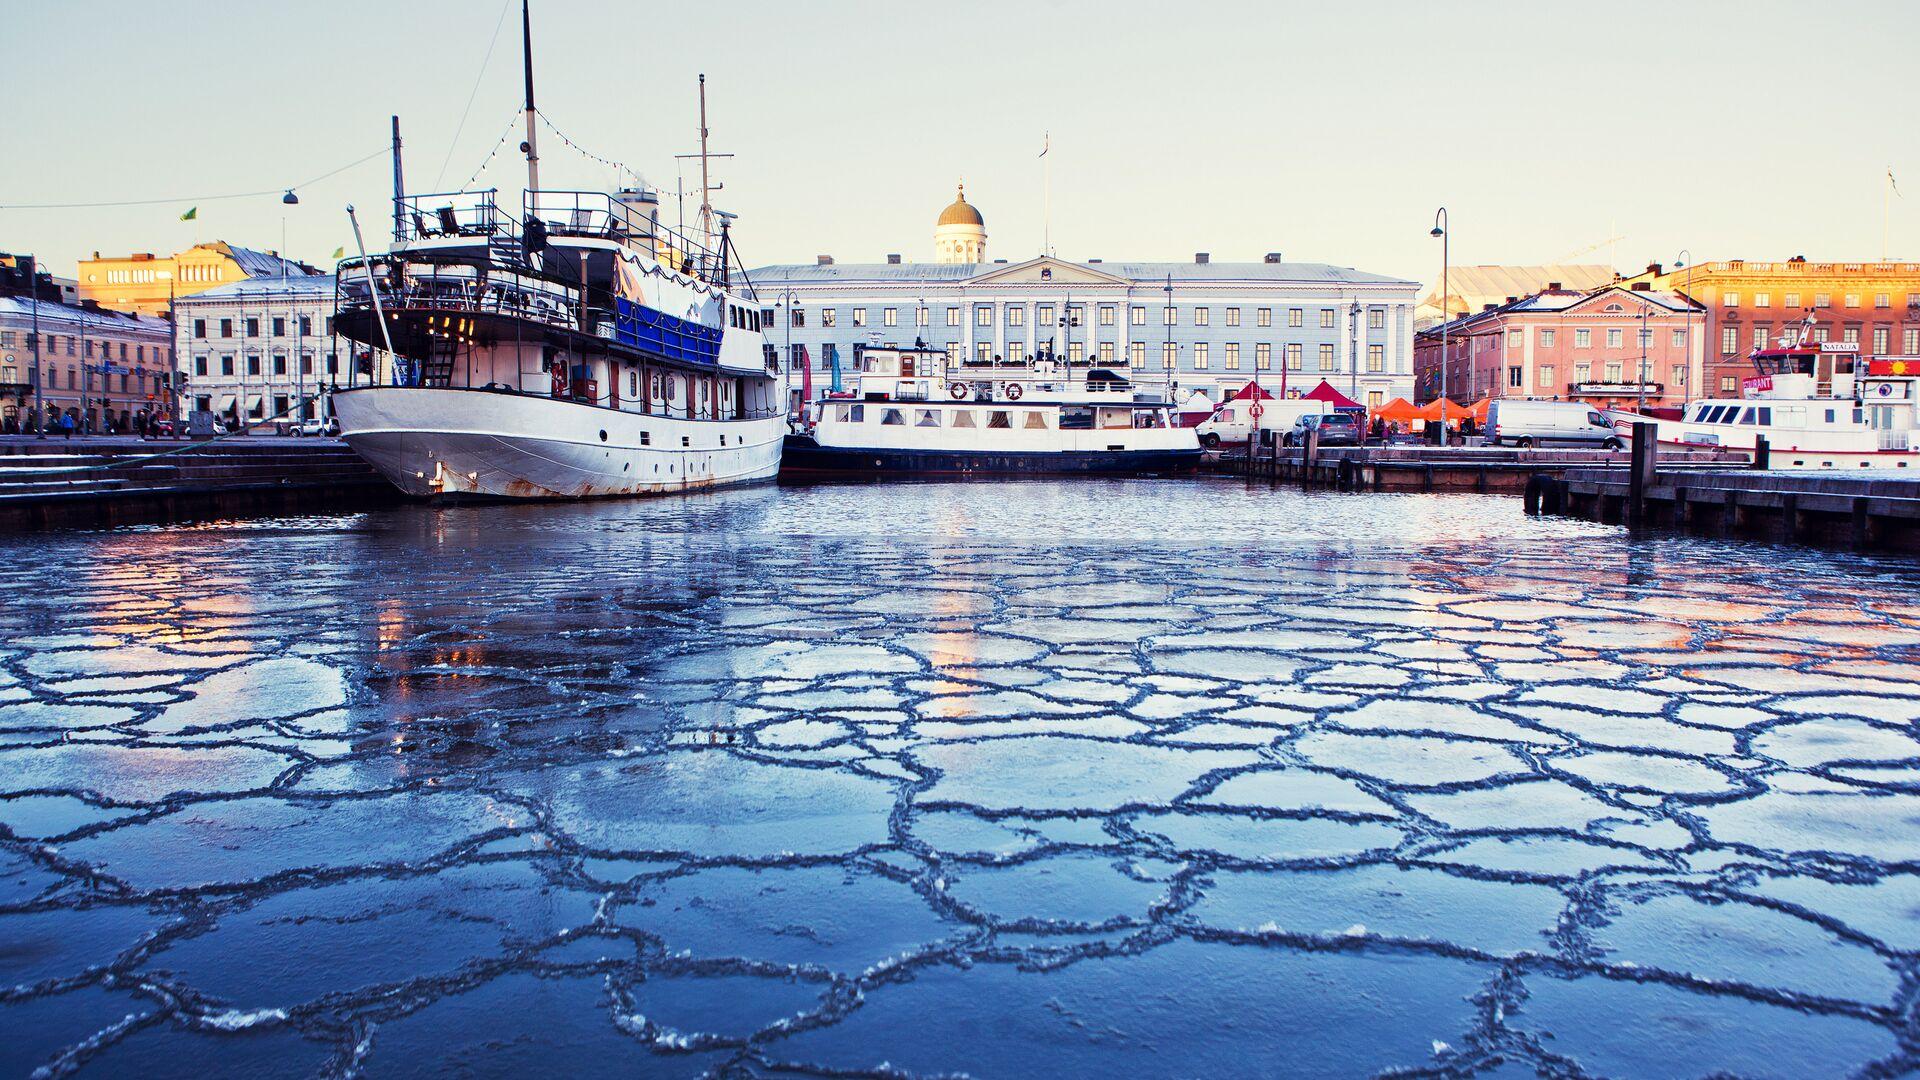 Вид на порт в центре Хельсинки, Финляндия - РИА Новости, 1920, 01.04.2021